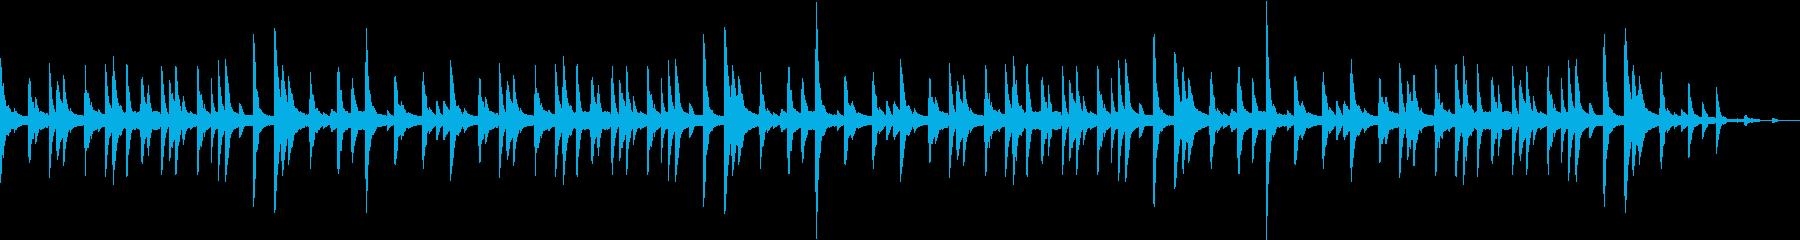 ほのぼのしたCM等に ピアノ調の再生済みの波形